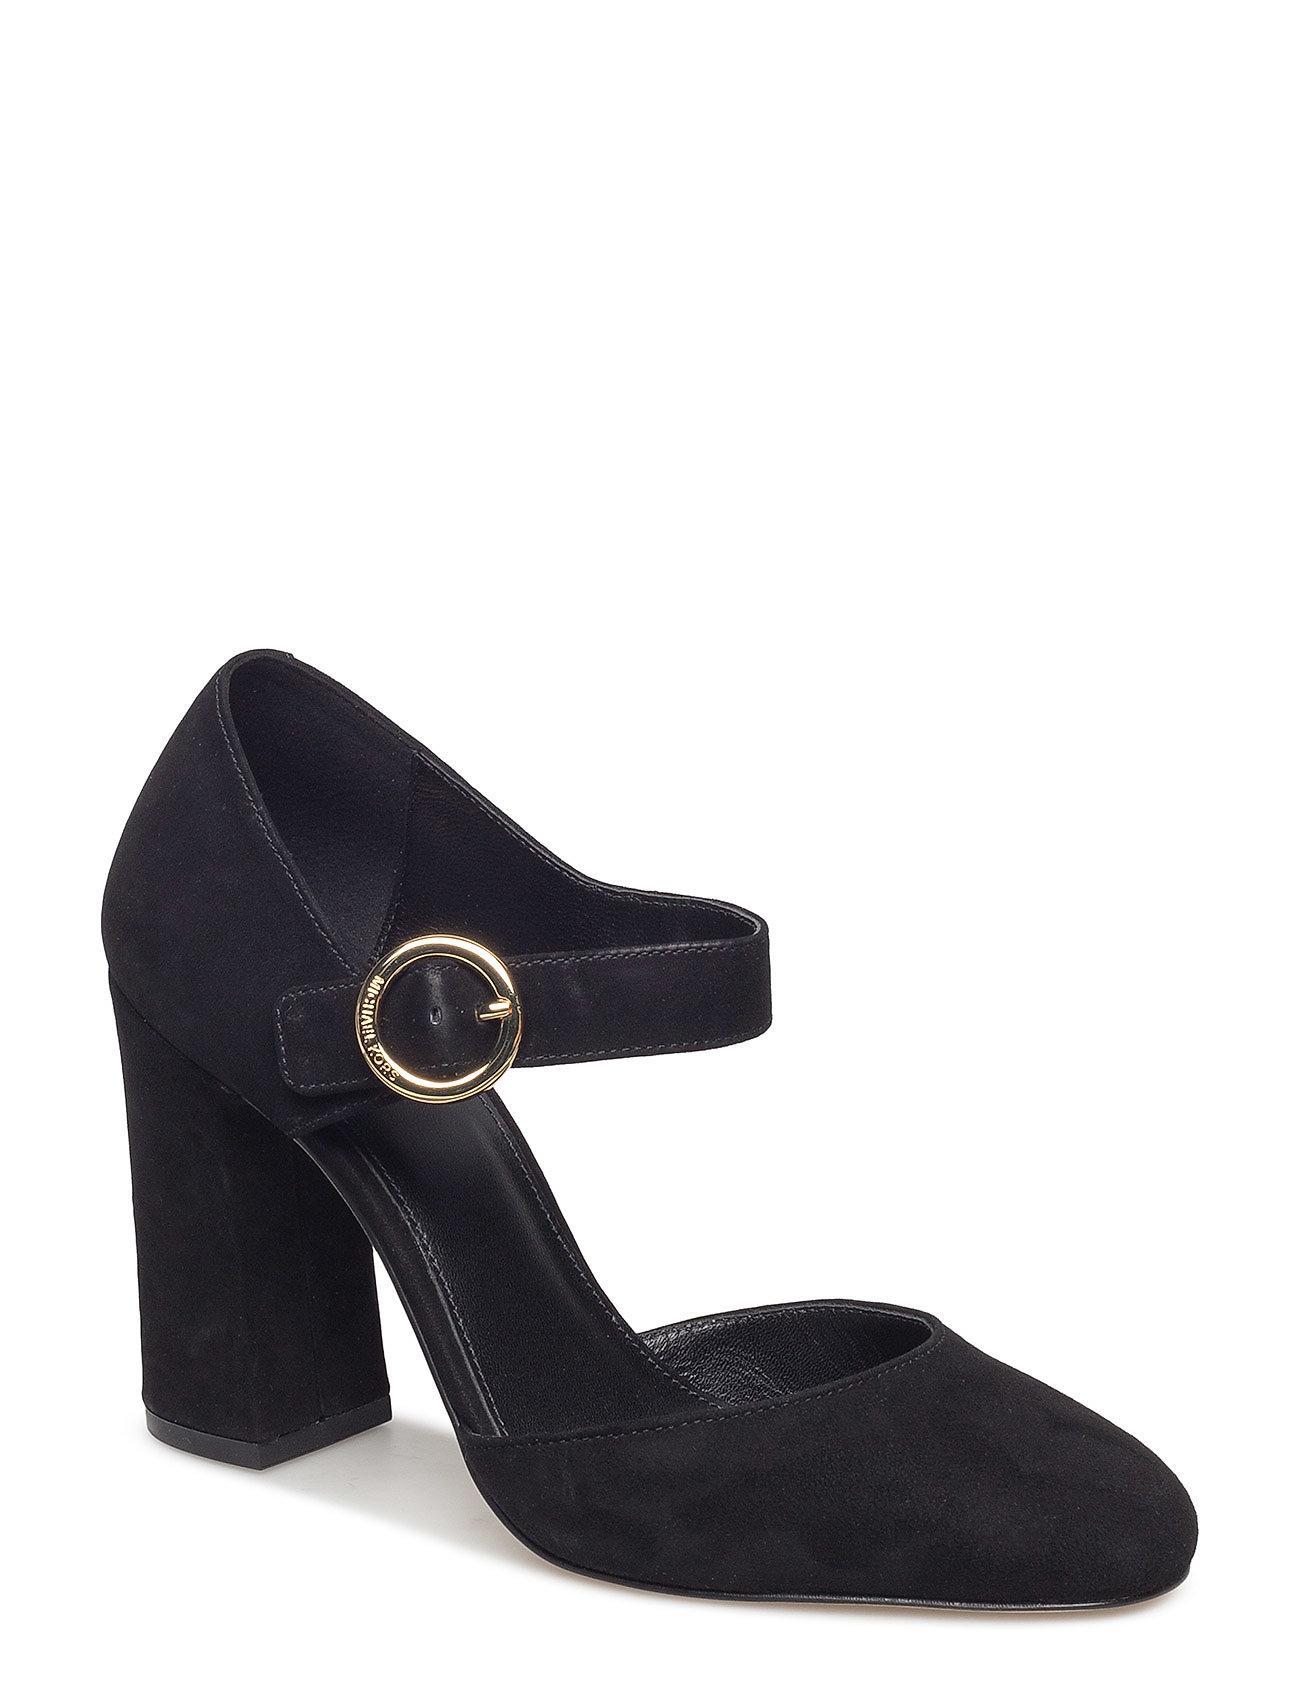 4e67d58347c7 Alana Closed Toe (Black) (£81) - Michael Kors Shoes -